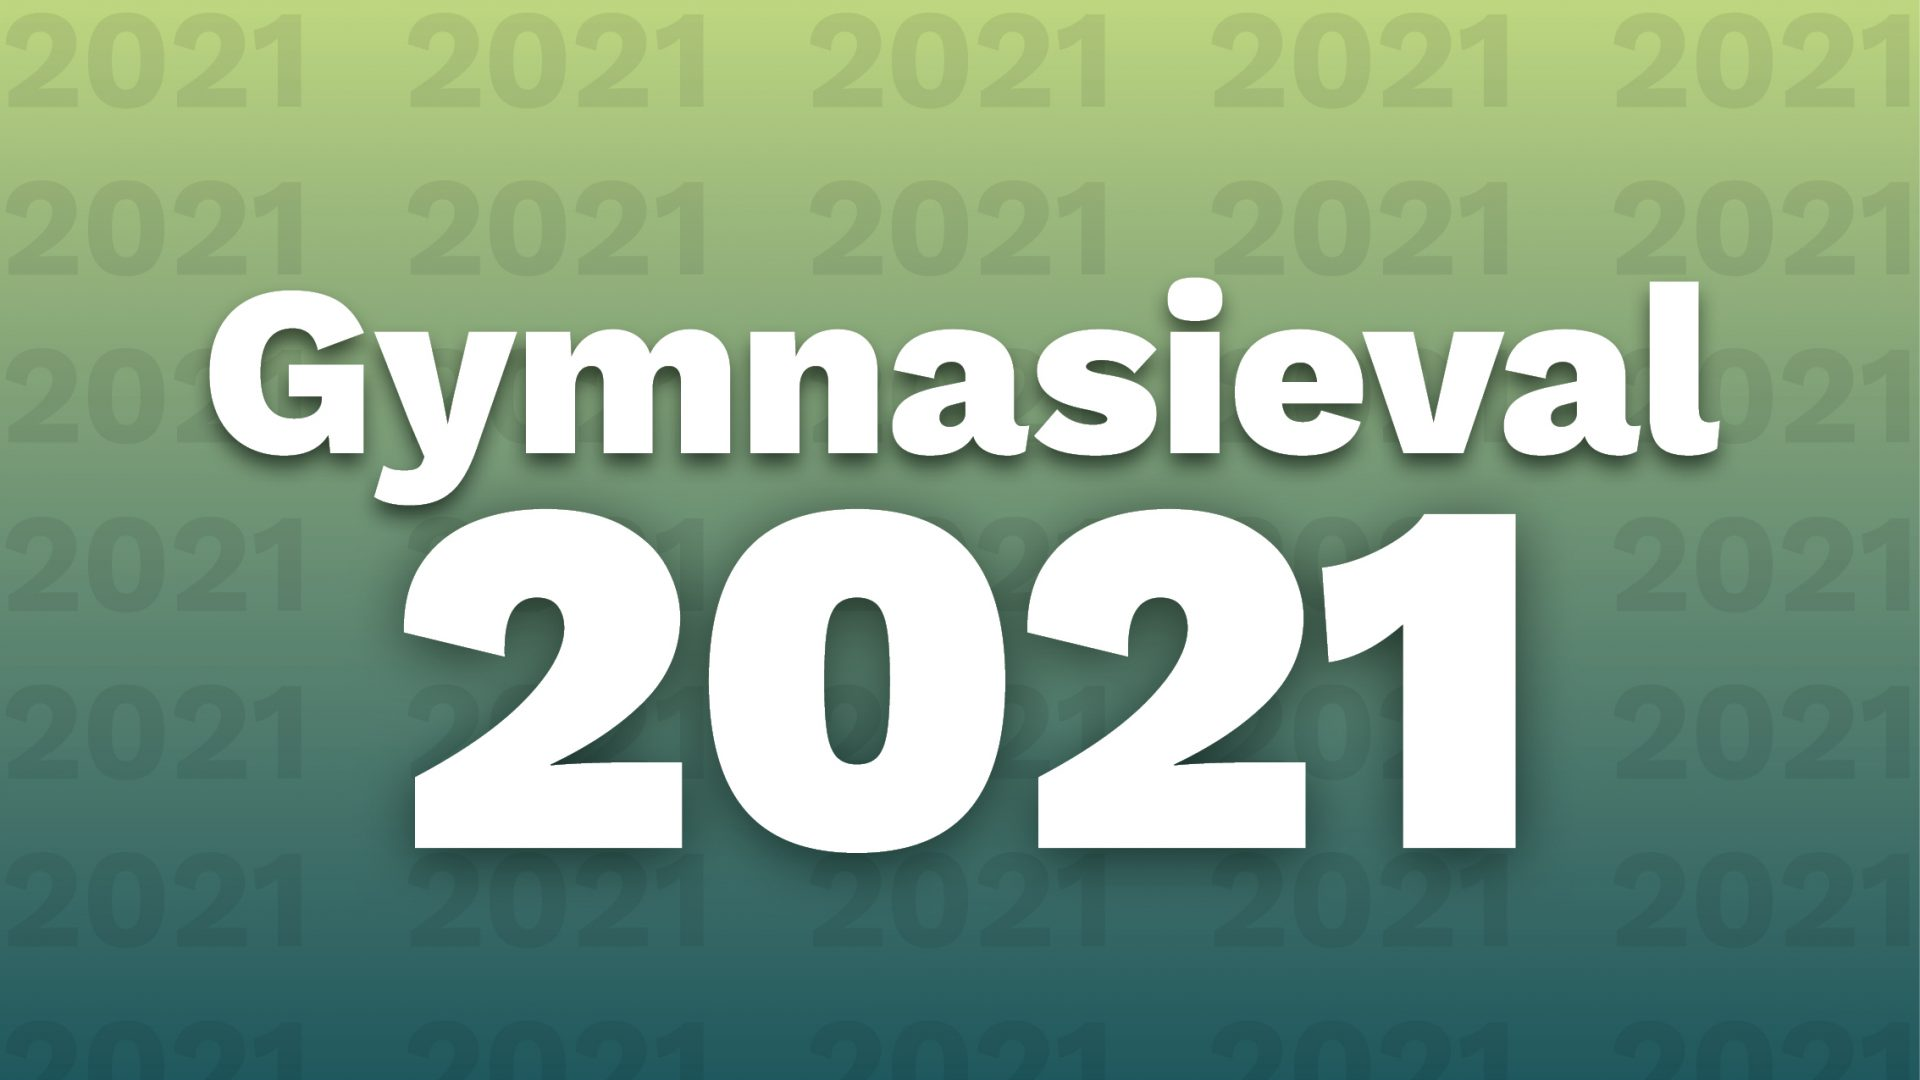 Kampanjbild för gymnasieval 2021